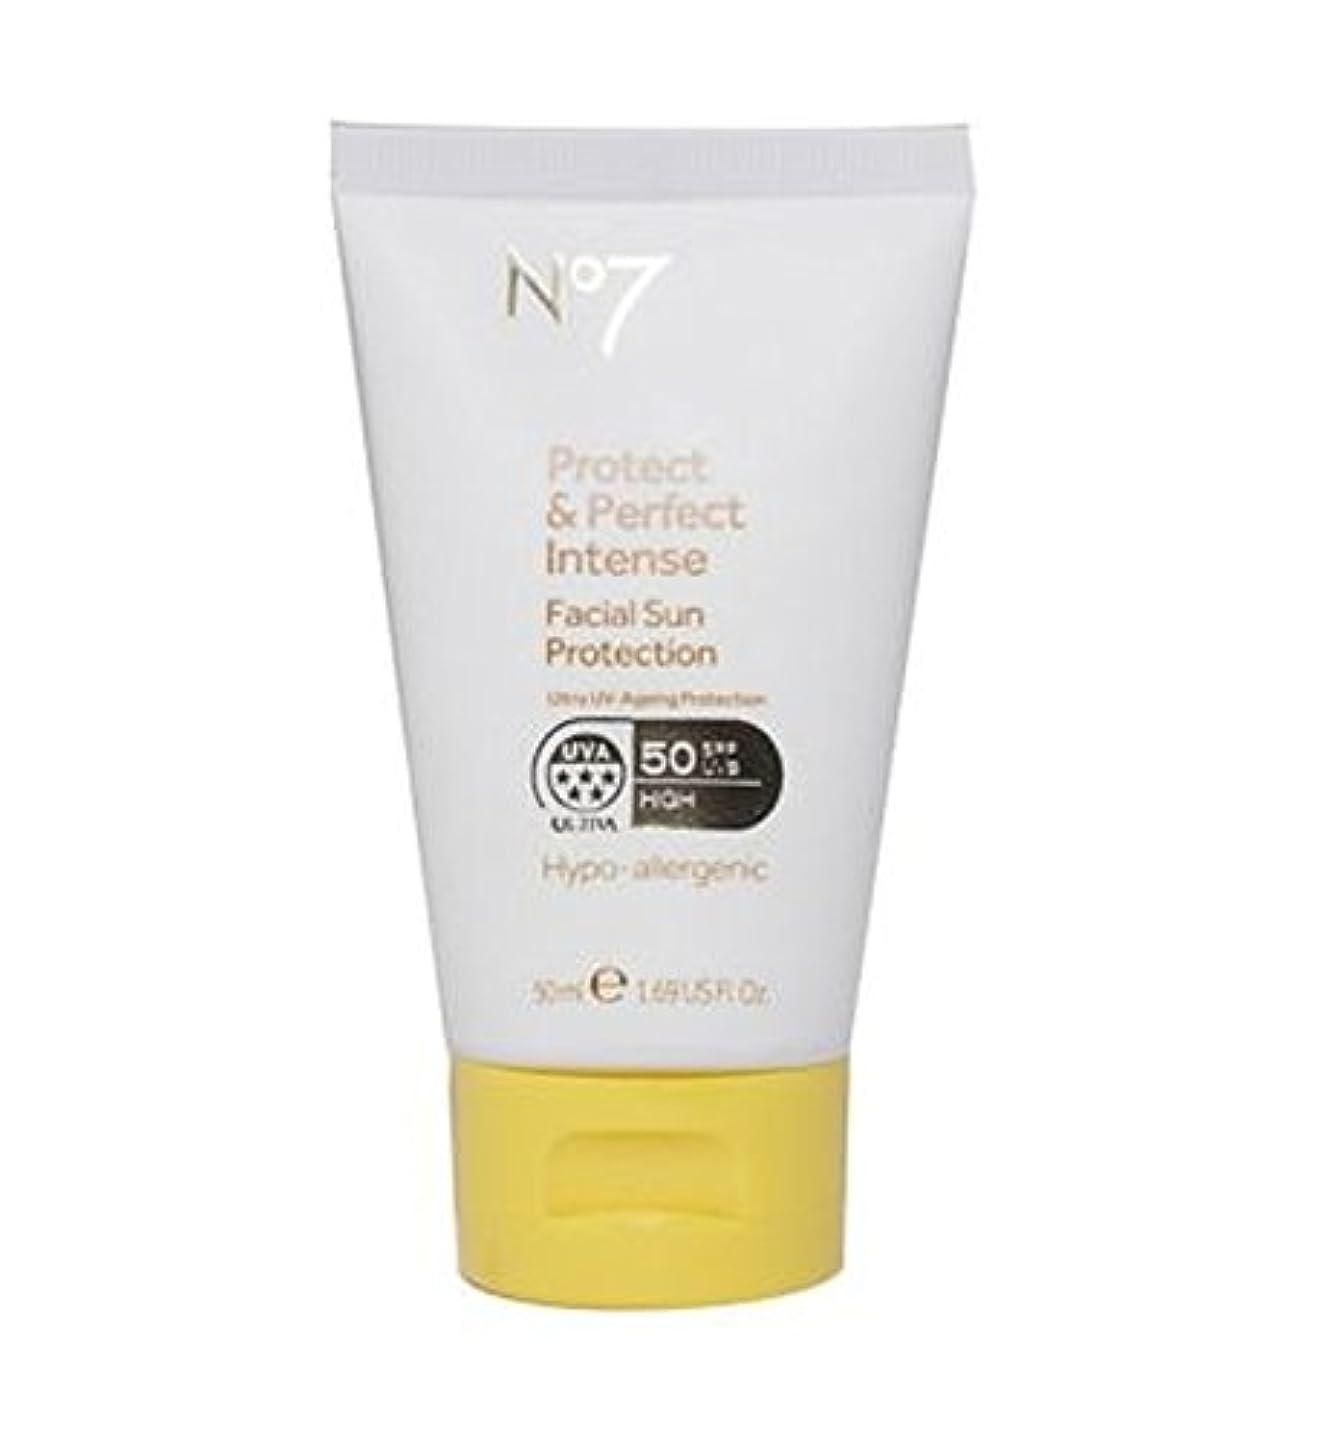 高いロック地域No7保護&完璧な強烈な顔の日焼け防止Spf 50 50ミリリットル (No7) (x2) - No7 Protect & Perfect Intense Facial Sun Protection SPF 50 50ml...